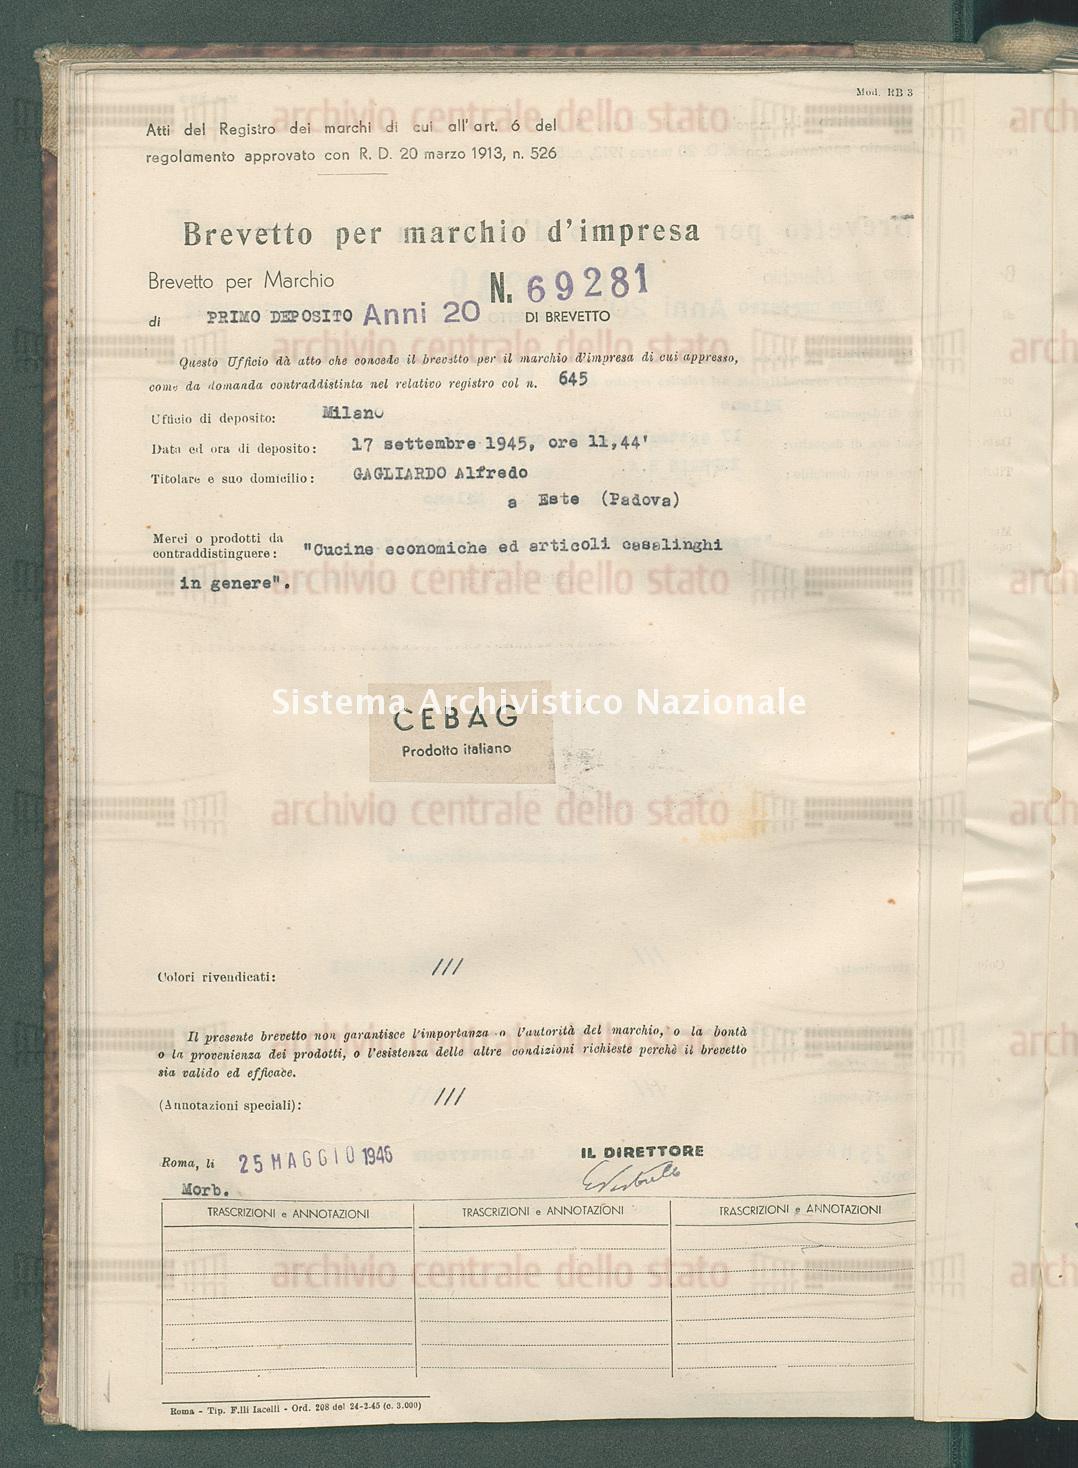 'Cucine economiche ed articoli casalinghi in genere' Gagliardo Alfredo (25/05/1946)